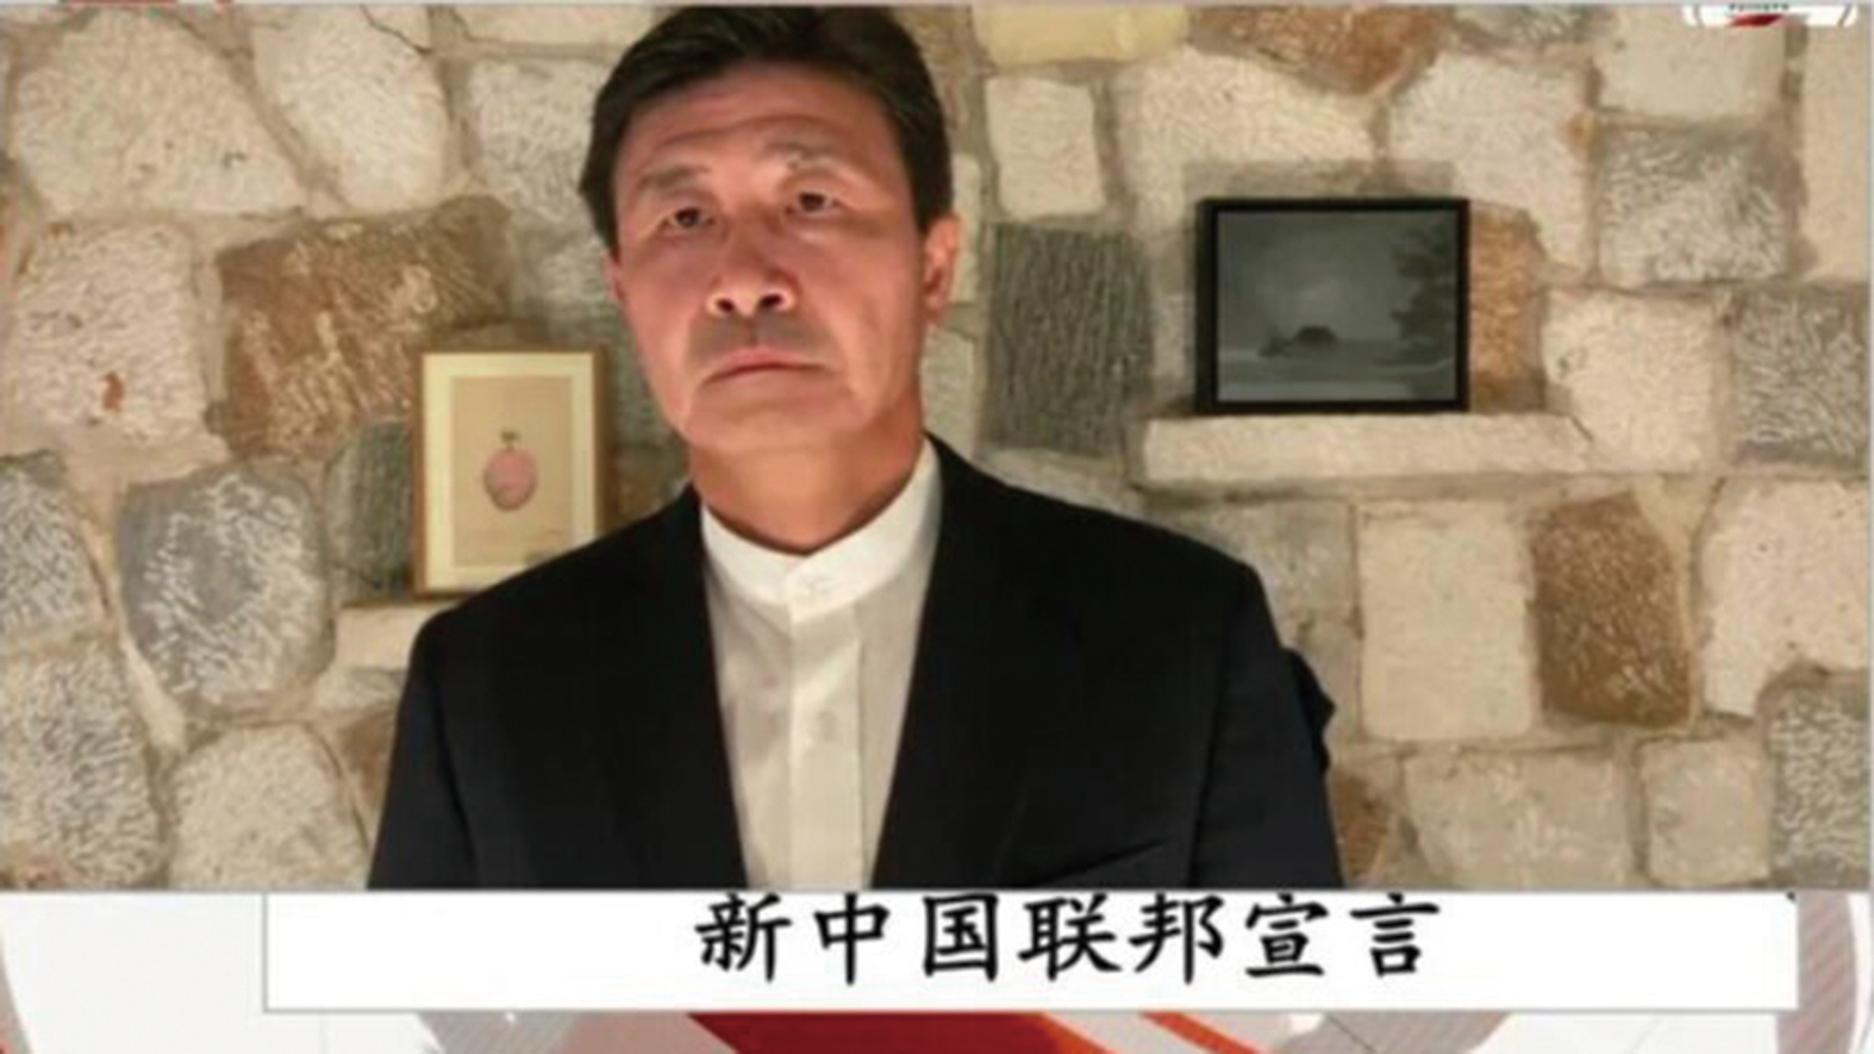 6月4日,由郭文貴所主導的「新中國聯邦」舉行建國宣言儀式。中國足球名將郝海東宣讀中文宣言。(影片截圖)